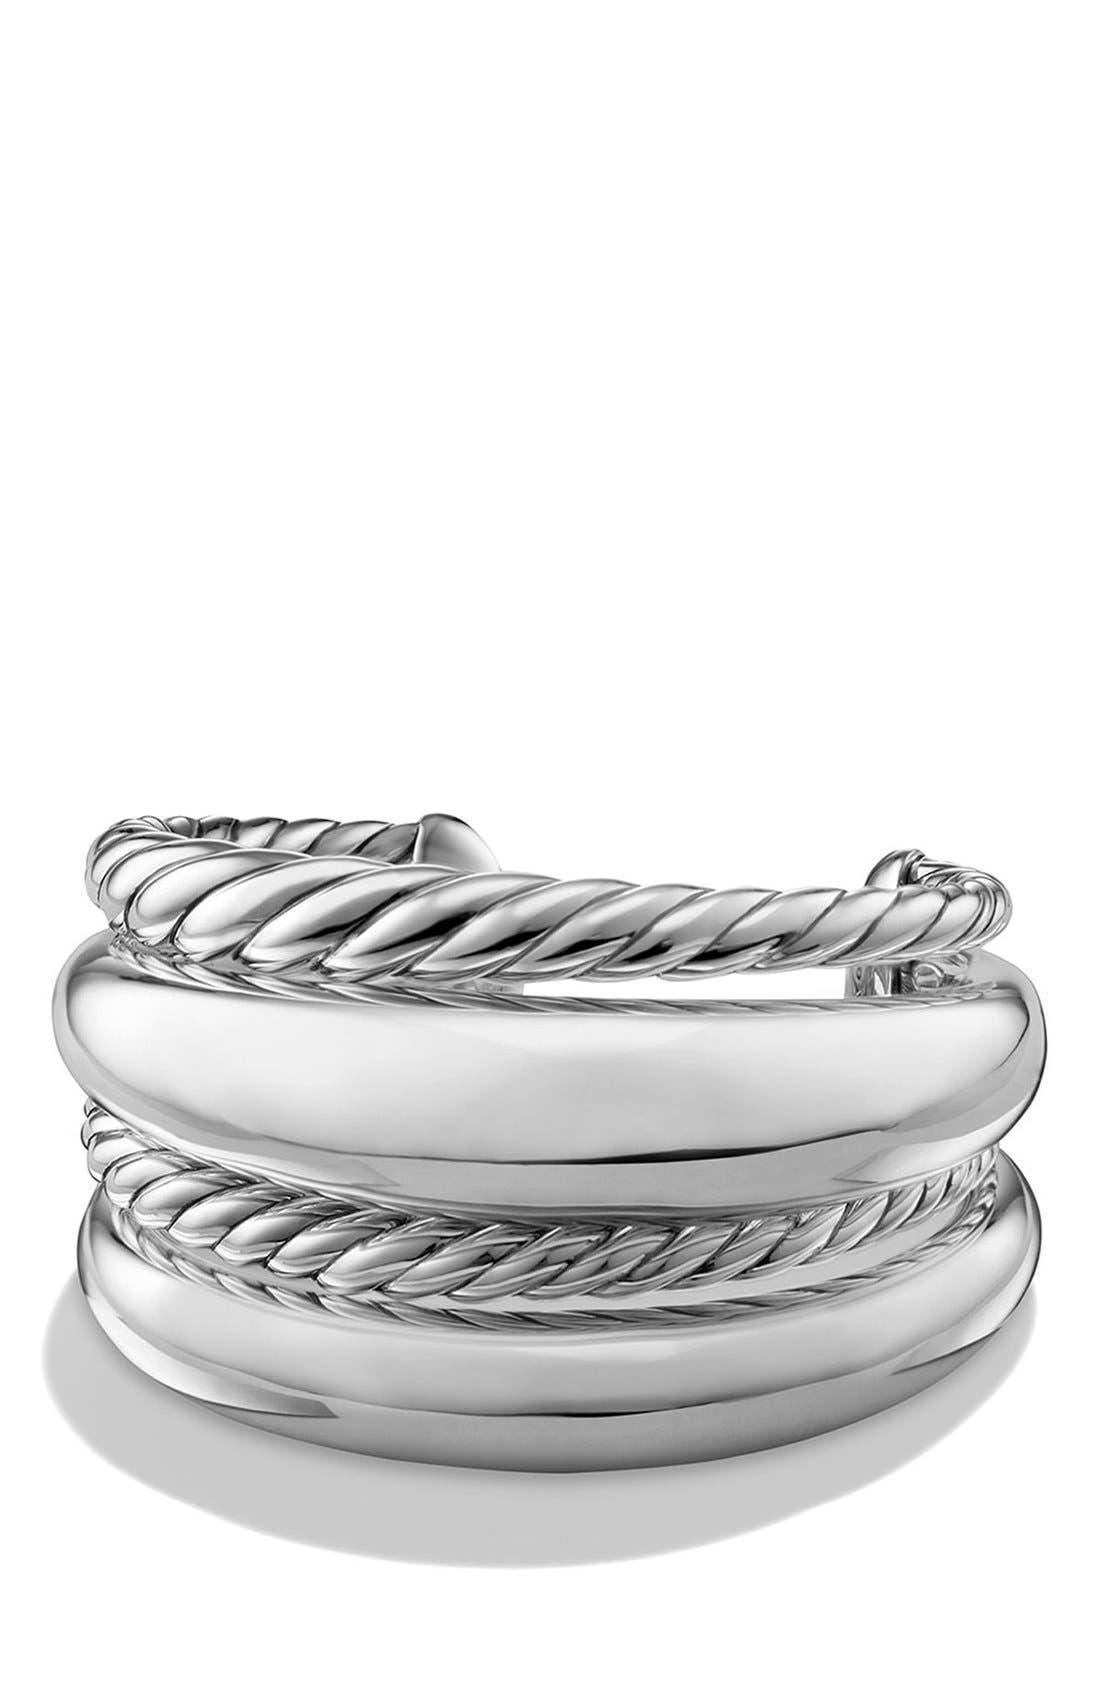 DAVID YURMAN Pure Form Four-Row Sterling Silver Cuff